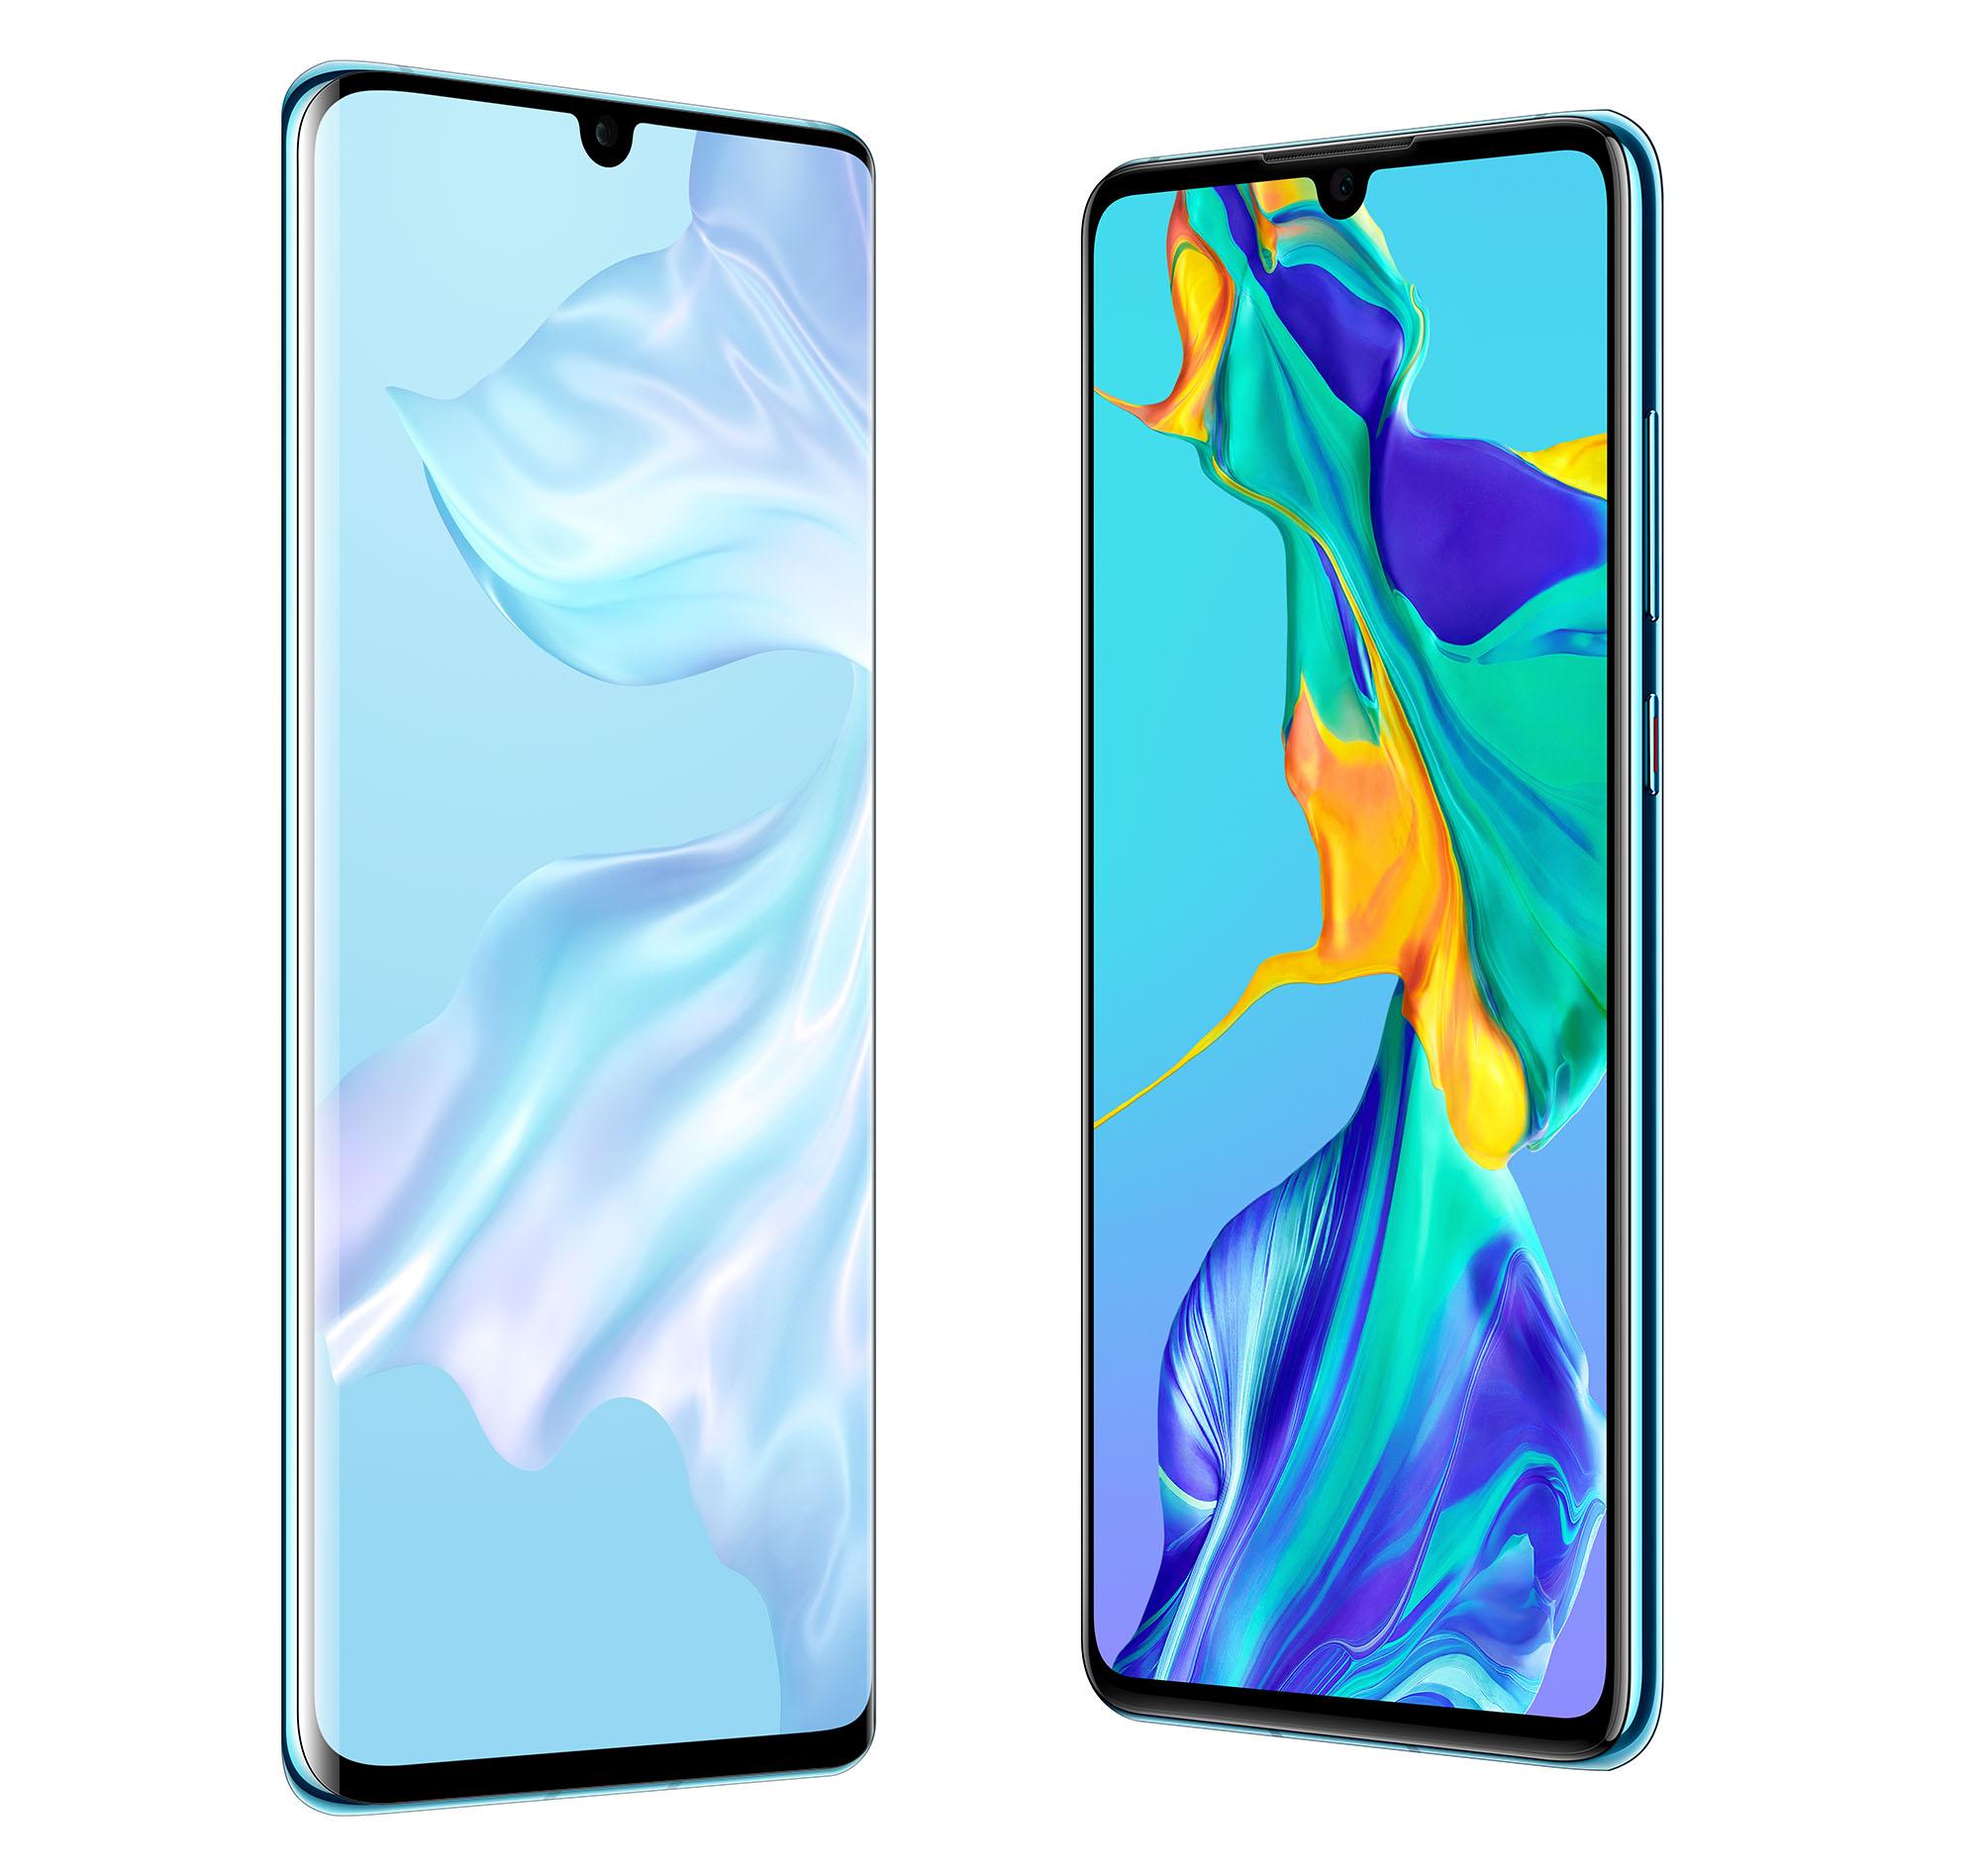 Huawei P30 Pro und P30 Display-Vergleich